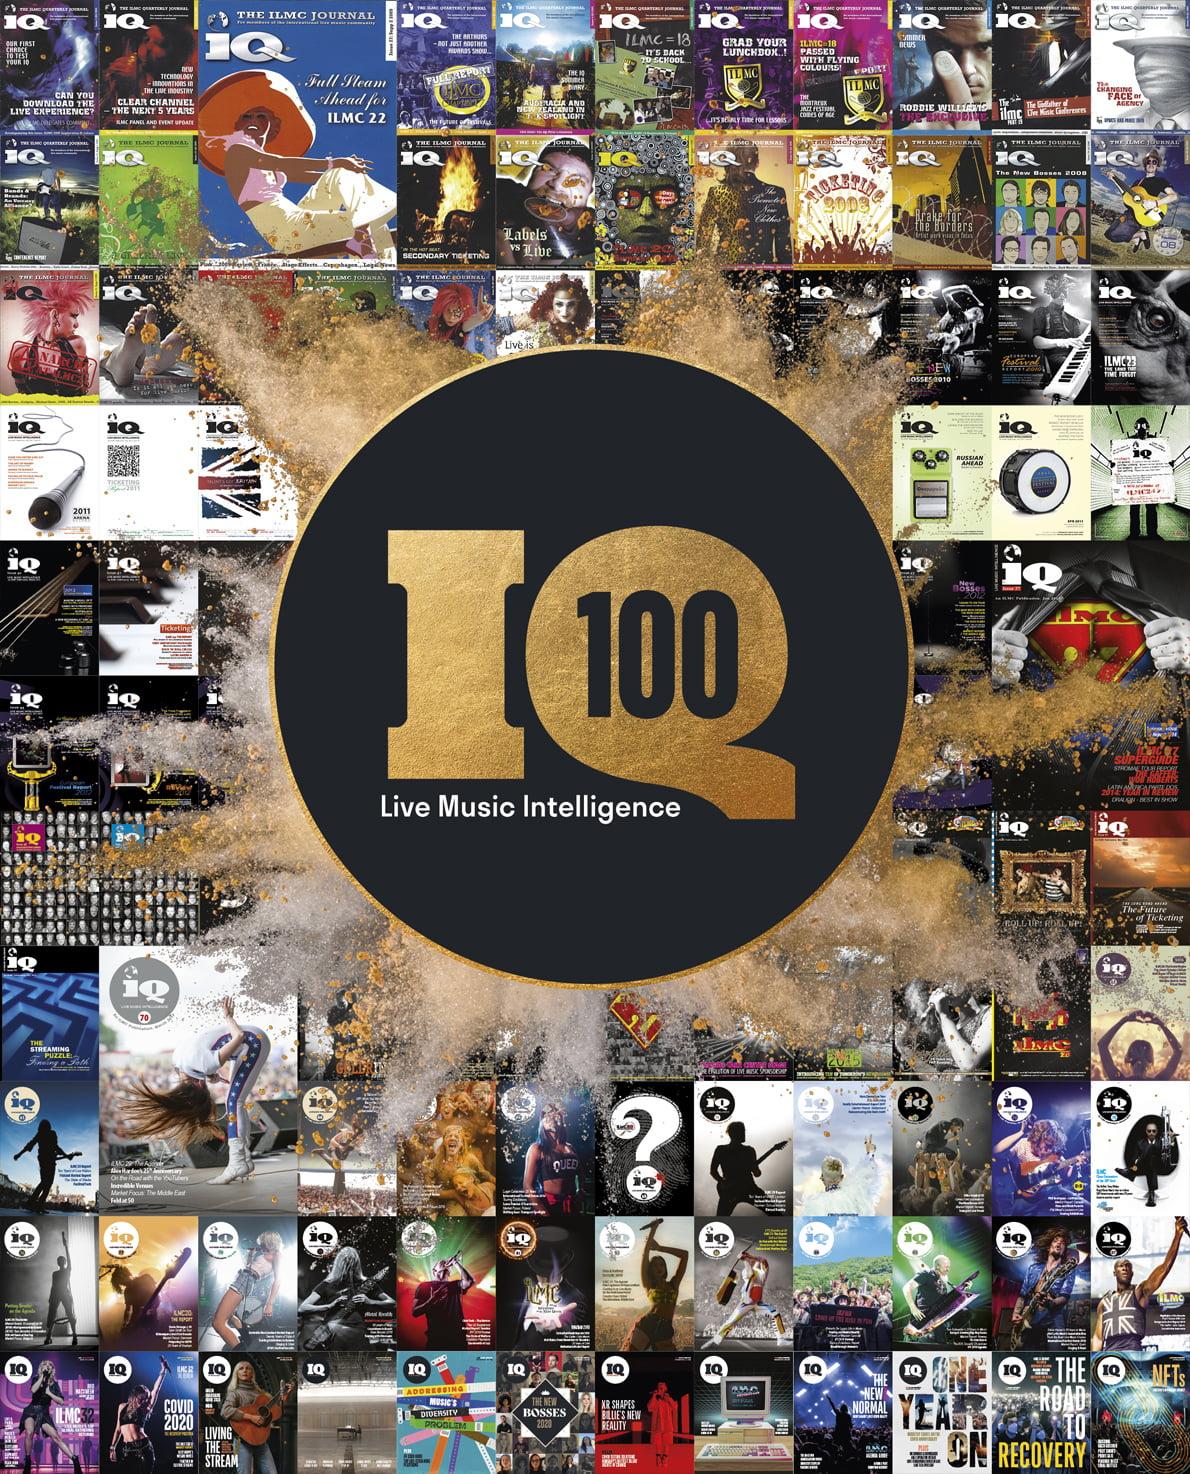 IQ Magazine - Issue 100